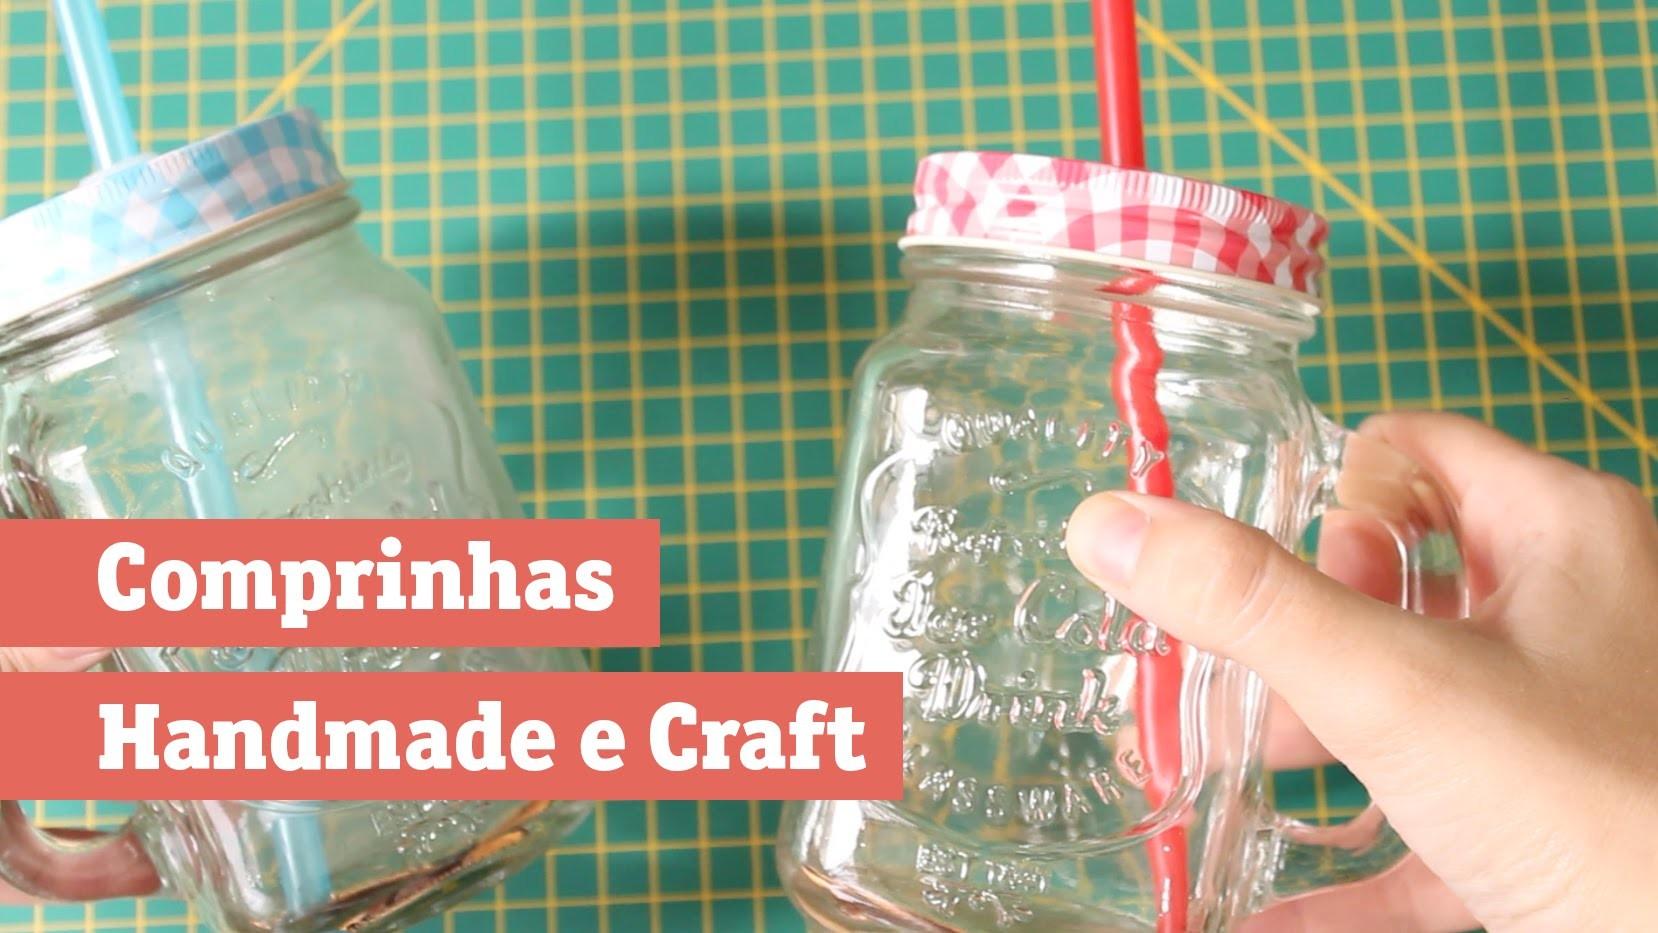 Comprinhas Handmade e Craft - Lilou Estúdio